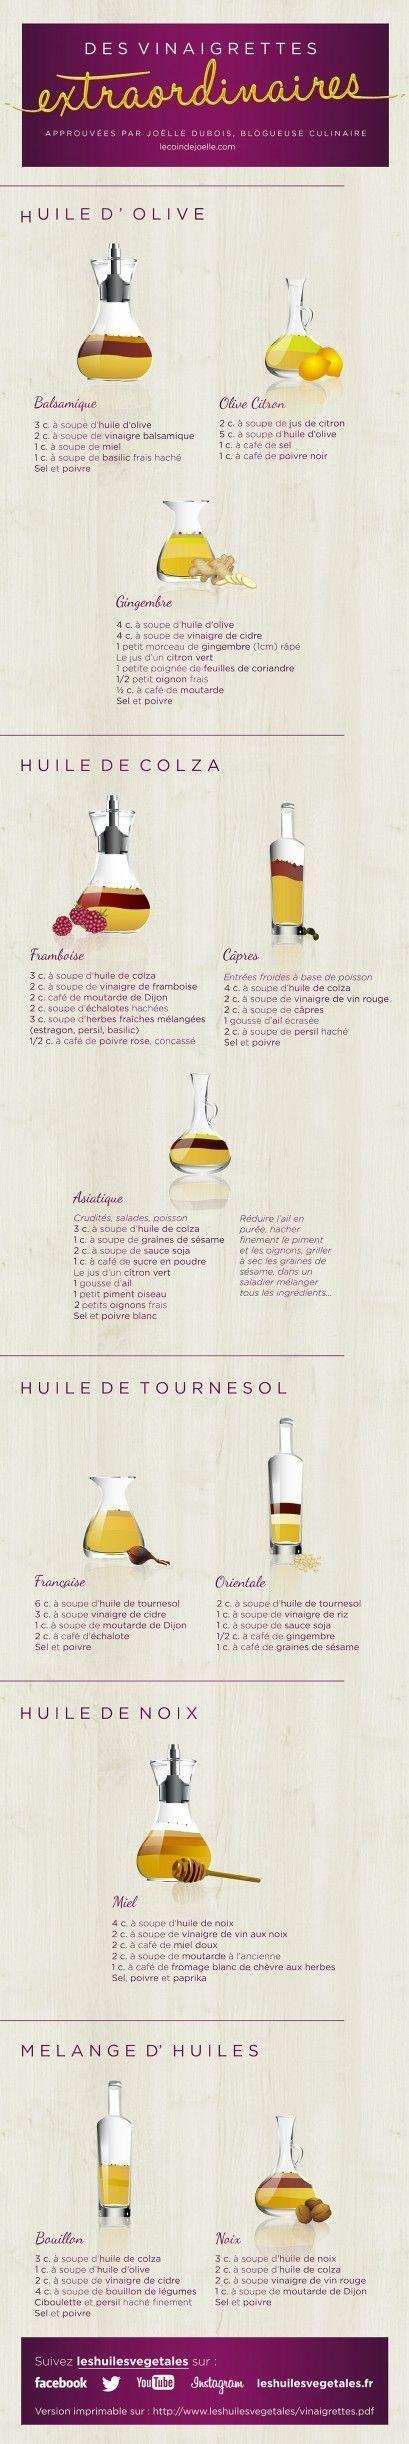 Huiles végétales : recettes de vinaigrettes